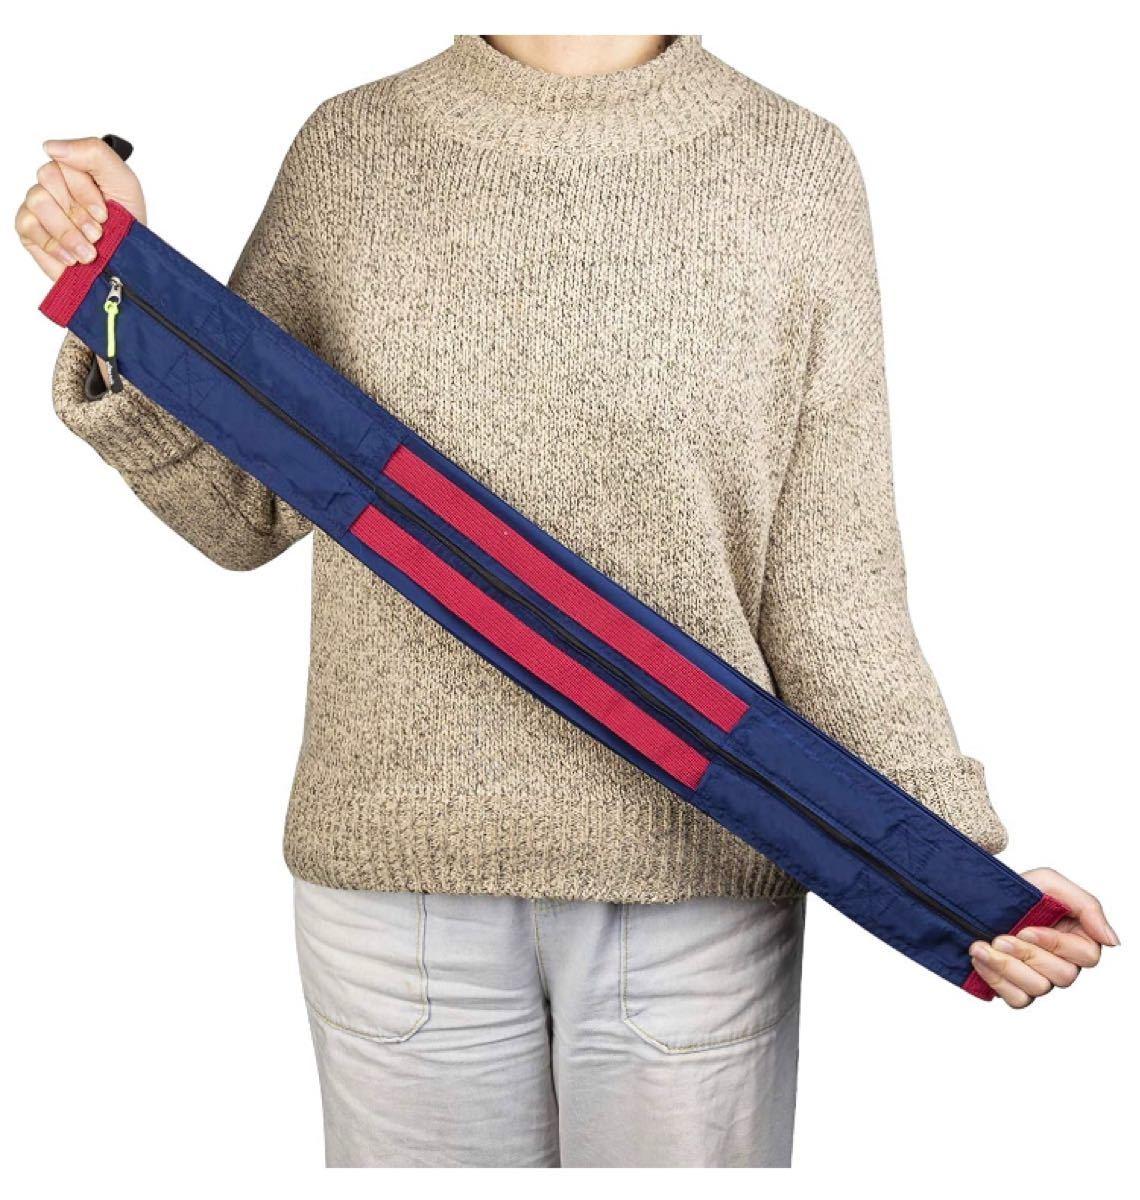 大容量 エコバッグ 折りたたみ買い物袋 ジッパー付き トートバッグ ネイビー